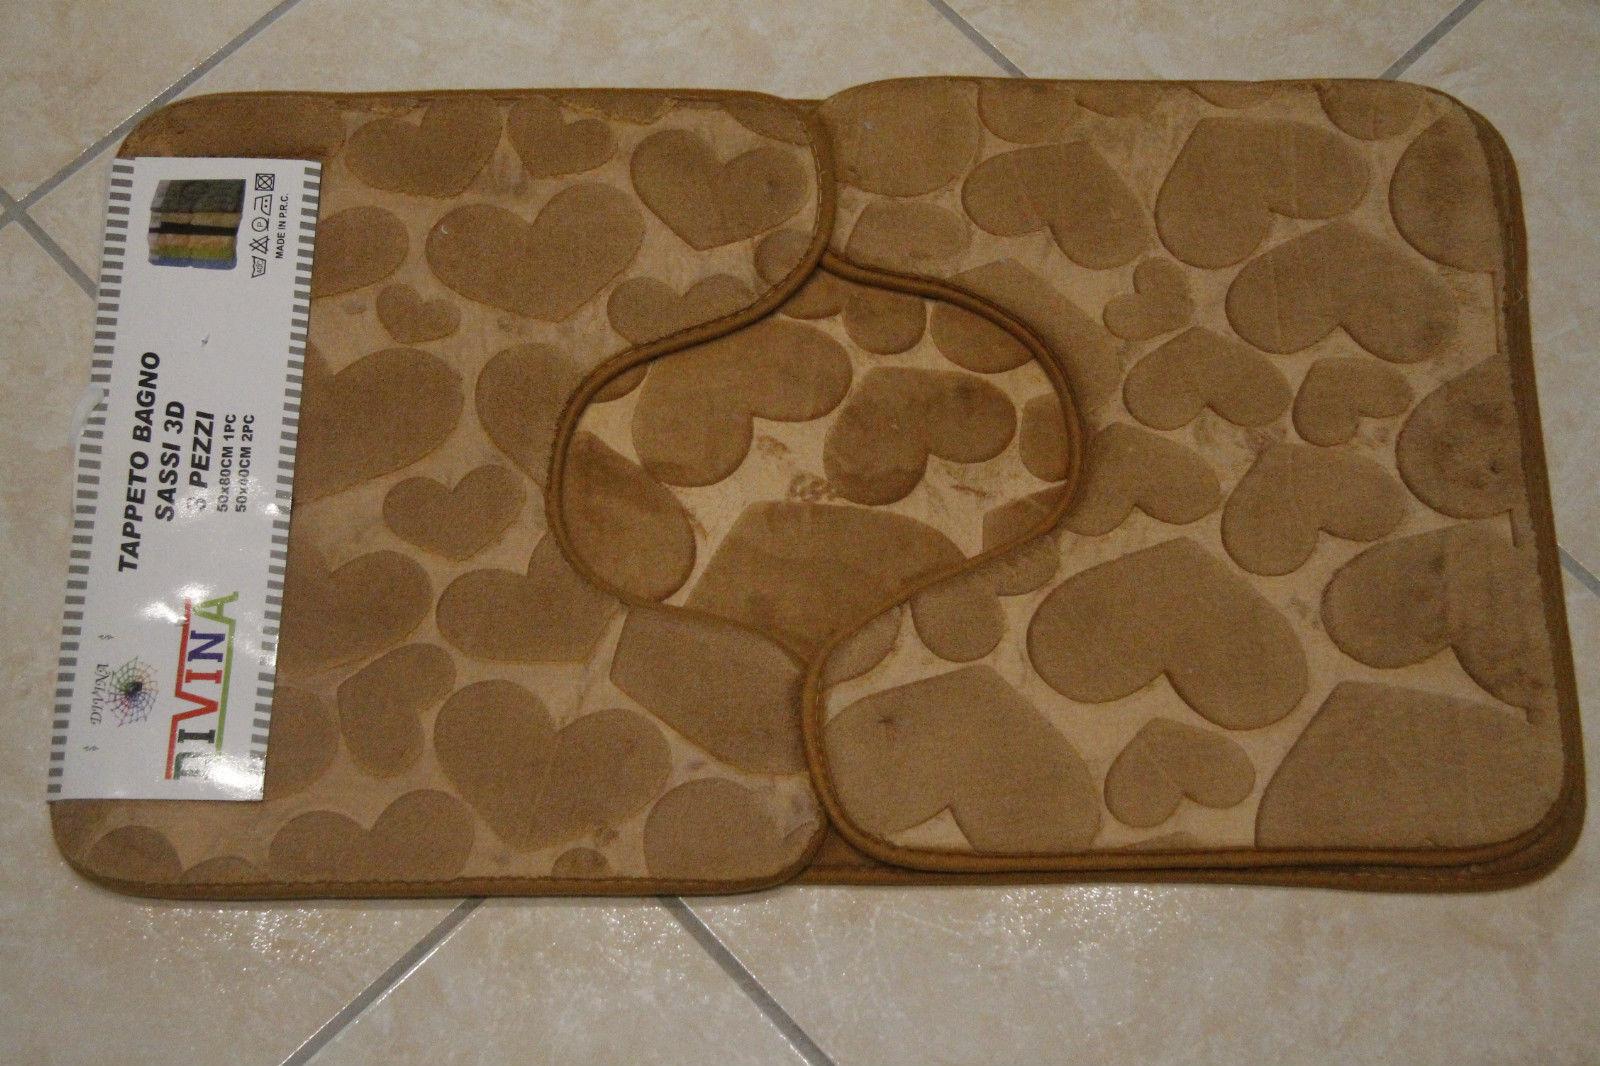 Tris tappetini tappeti bagno antiscivolo shabby chic cuori poliestre marrone ebay - Tris tappeti bagno ...